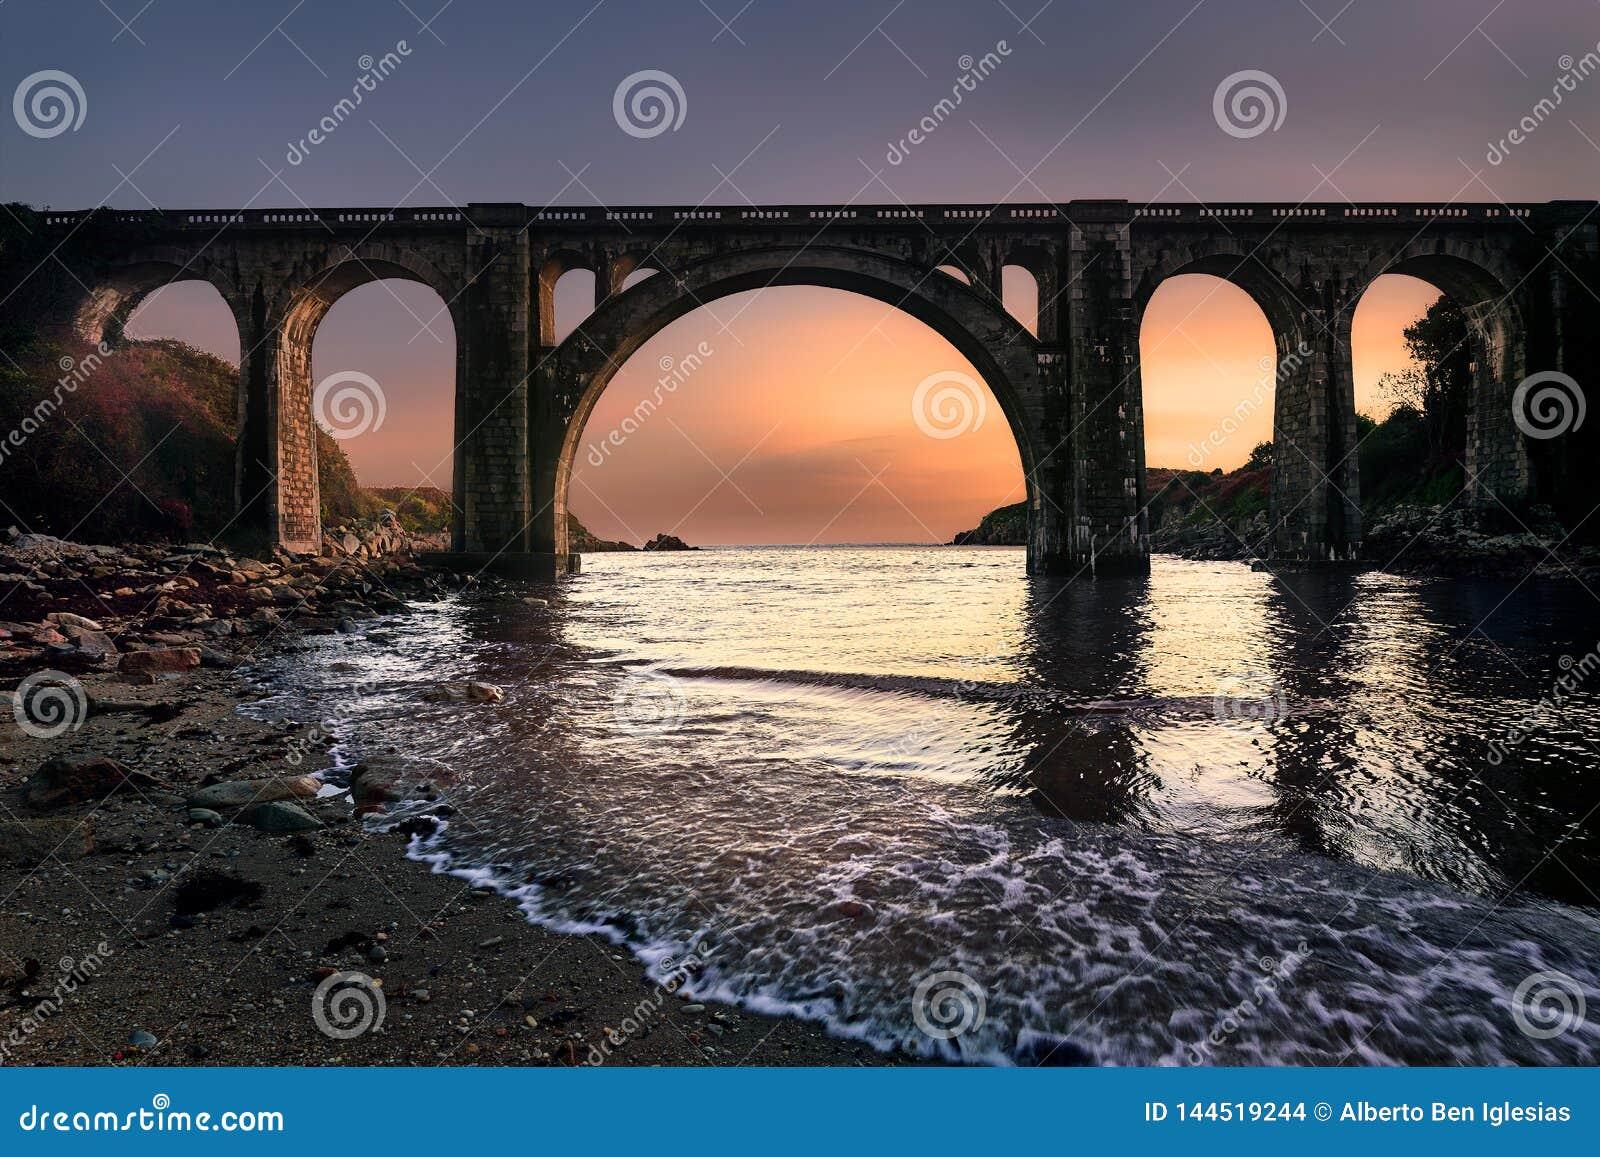 Sunrise in a bridge over the a beach